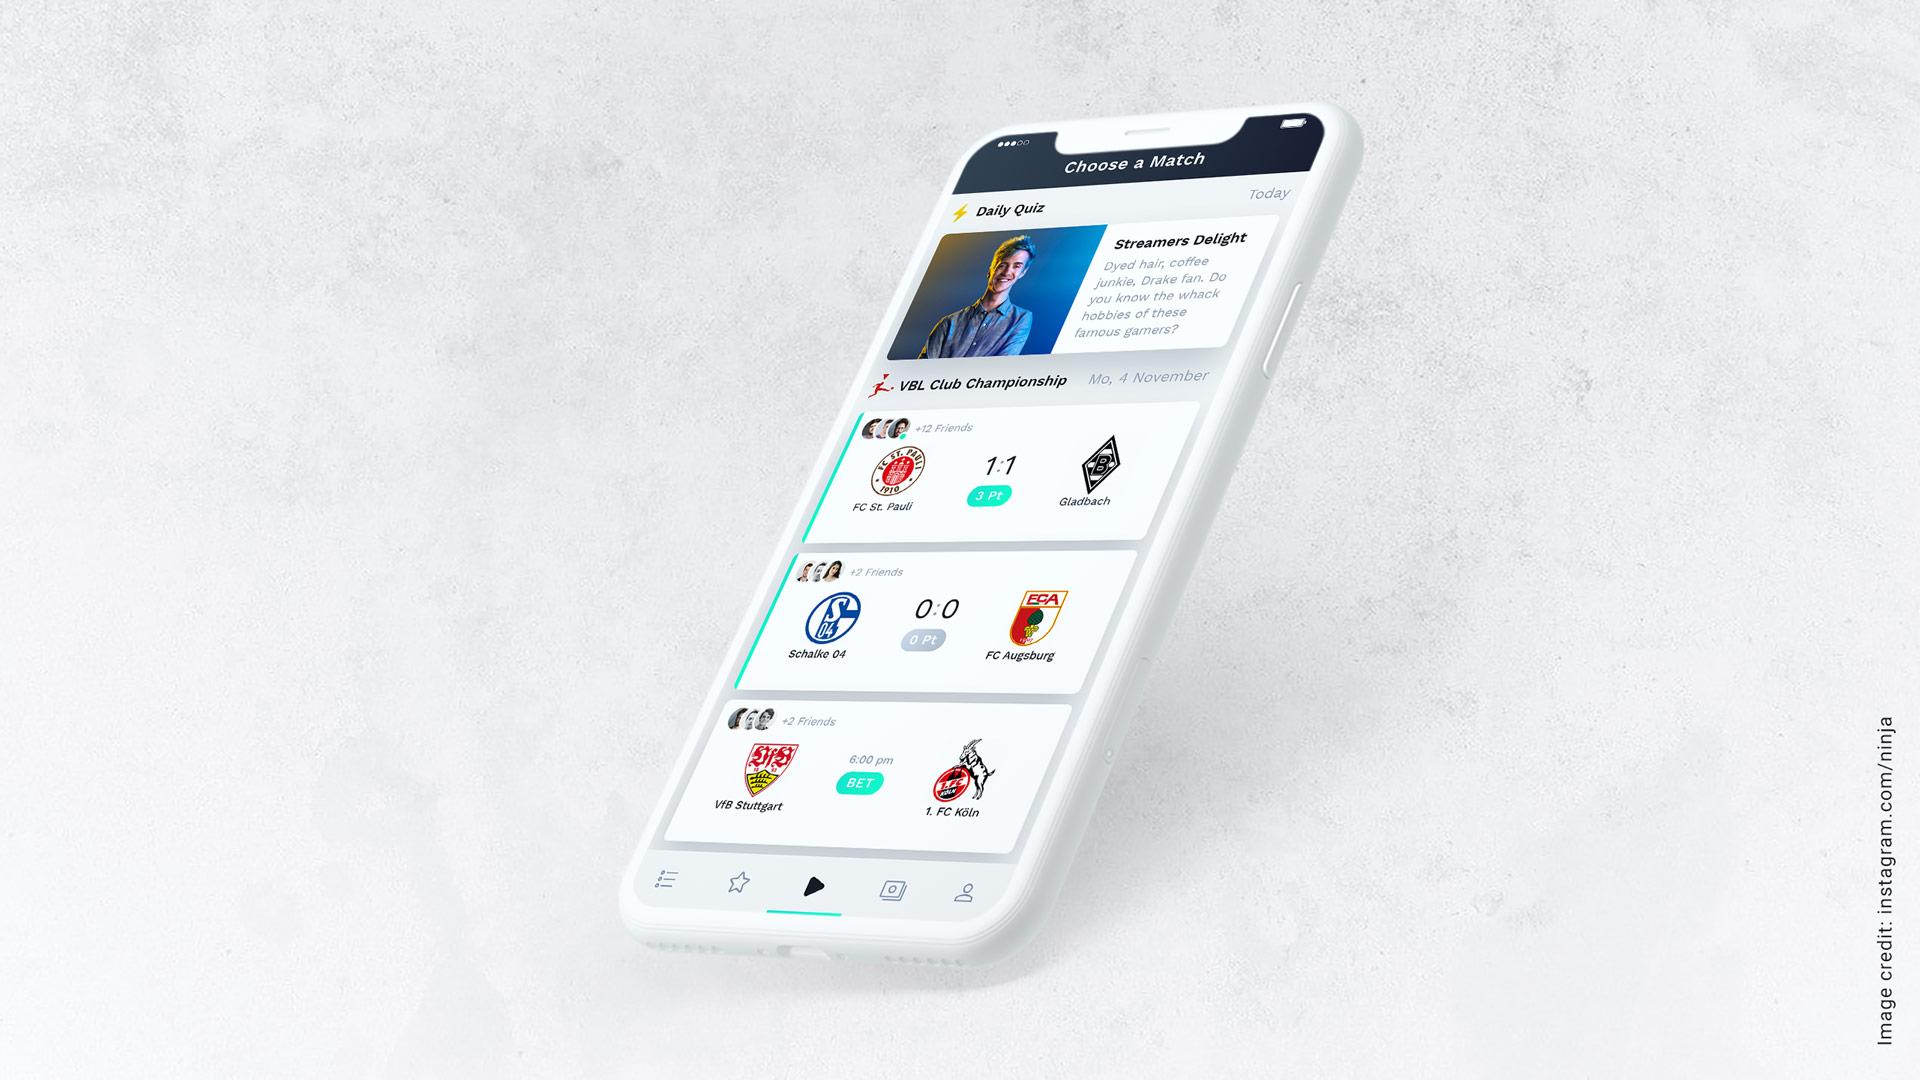 captn esports app teaser